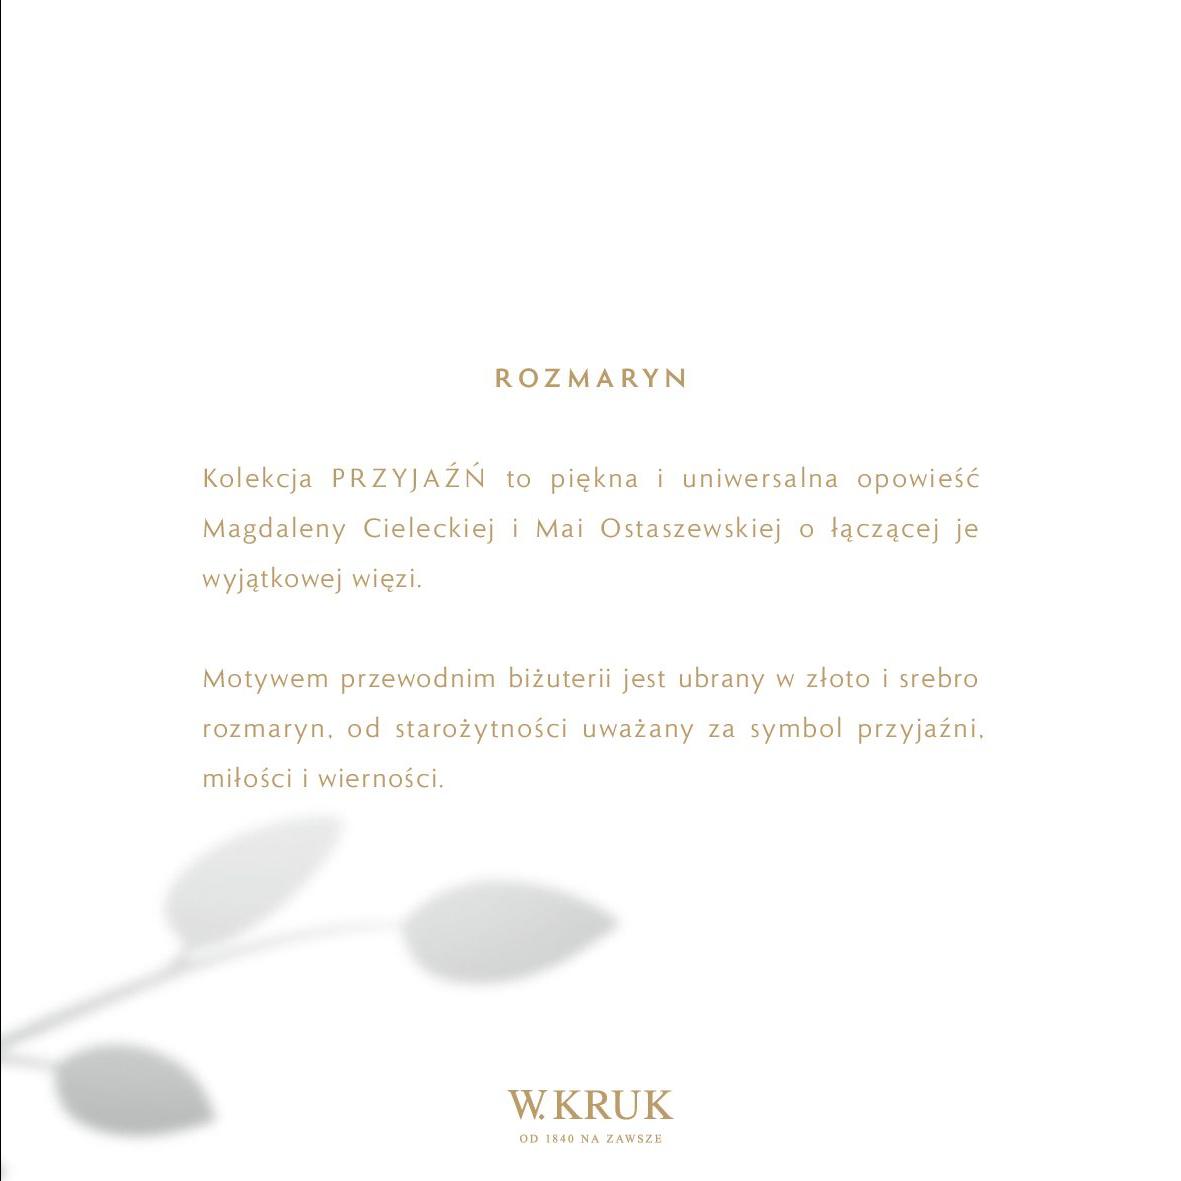 Gazetka W. KRUK: Katalog - Kolekcja Przyjaźń 2021-02-17 page-5